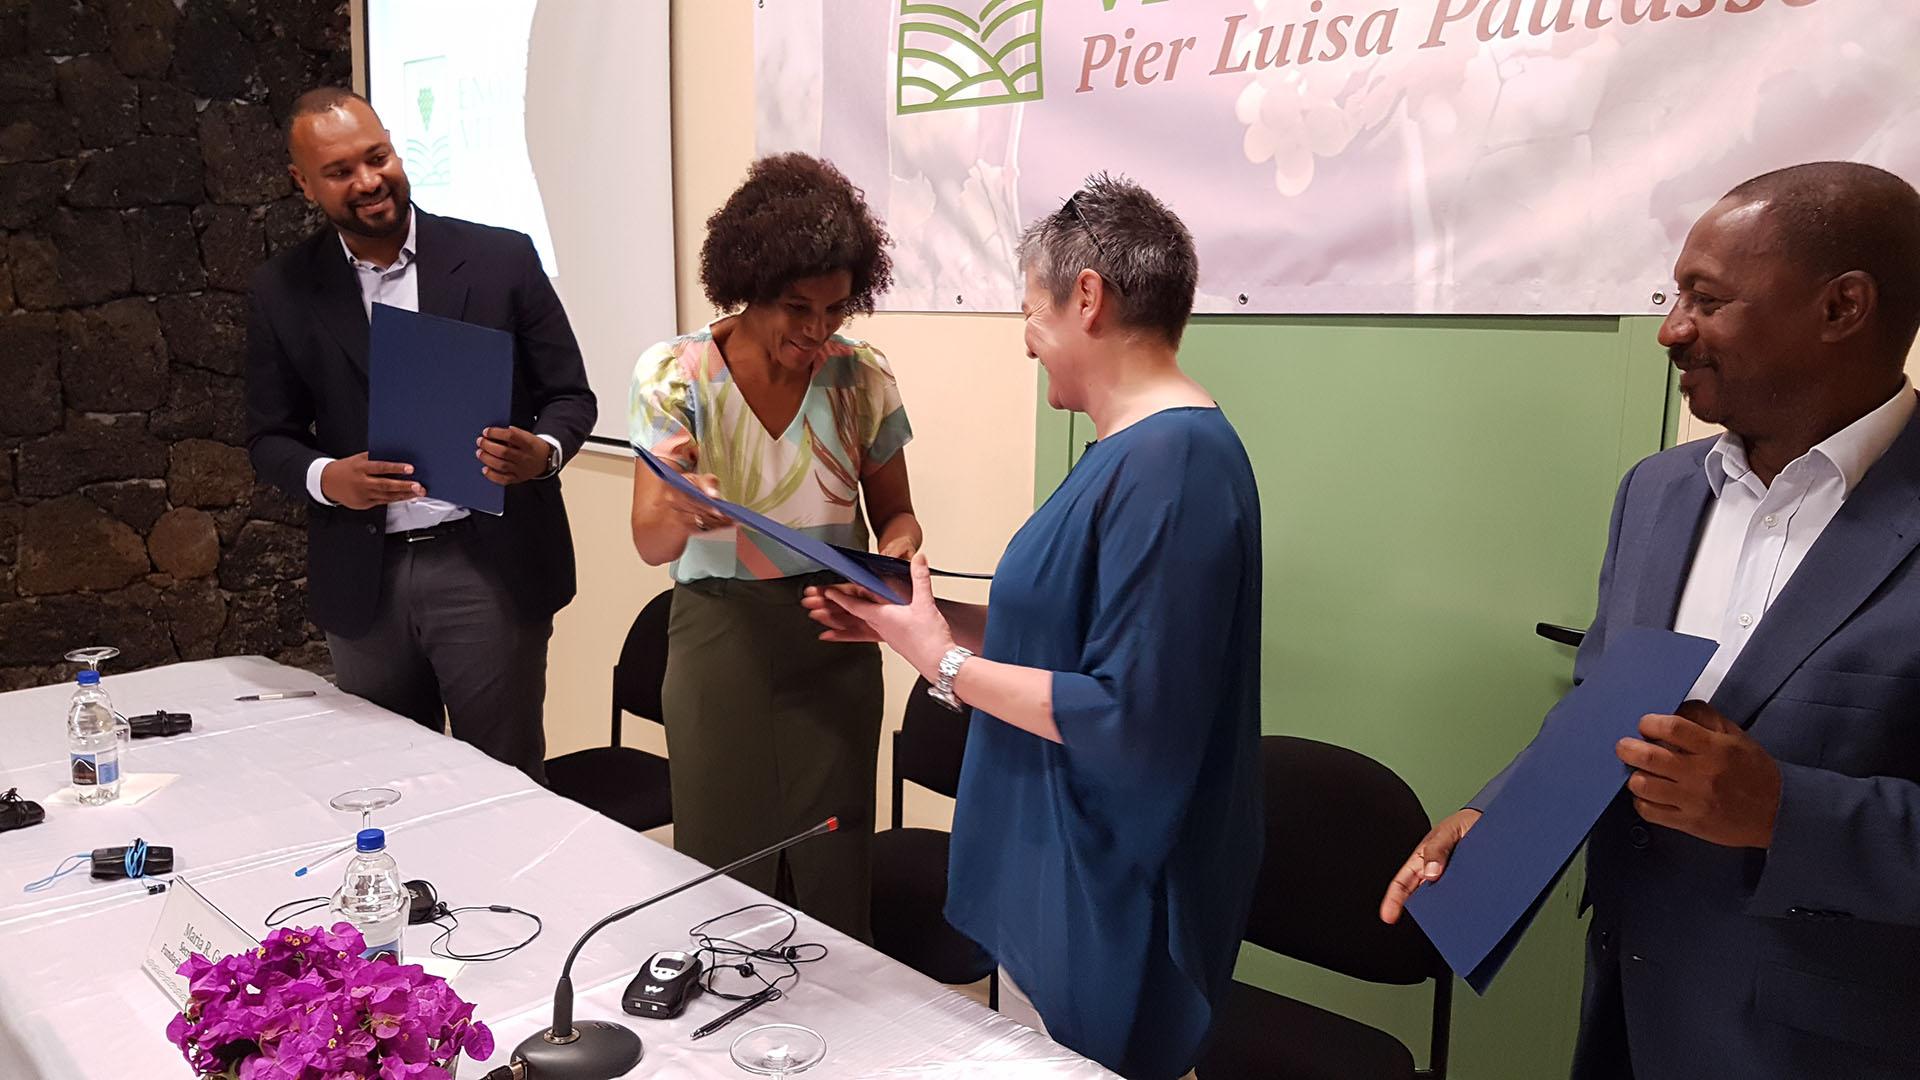 """CENTRO DI FORMAZIONE IN ENOLOGIA E VITICULTURA """"PIER LUISA PAUTASSO"""""""